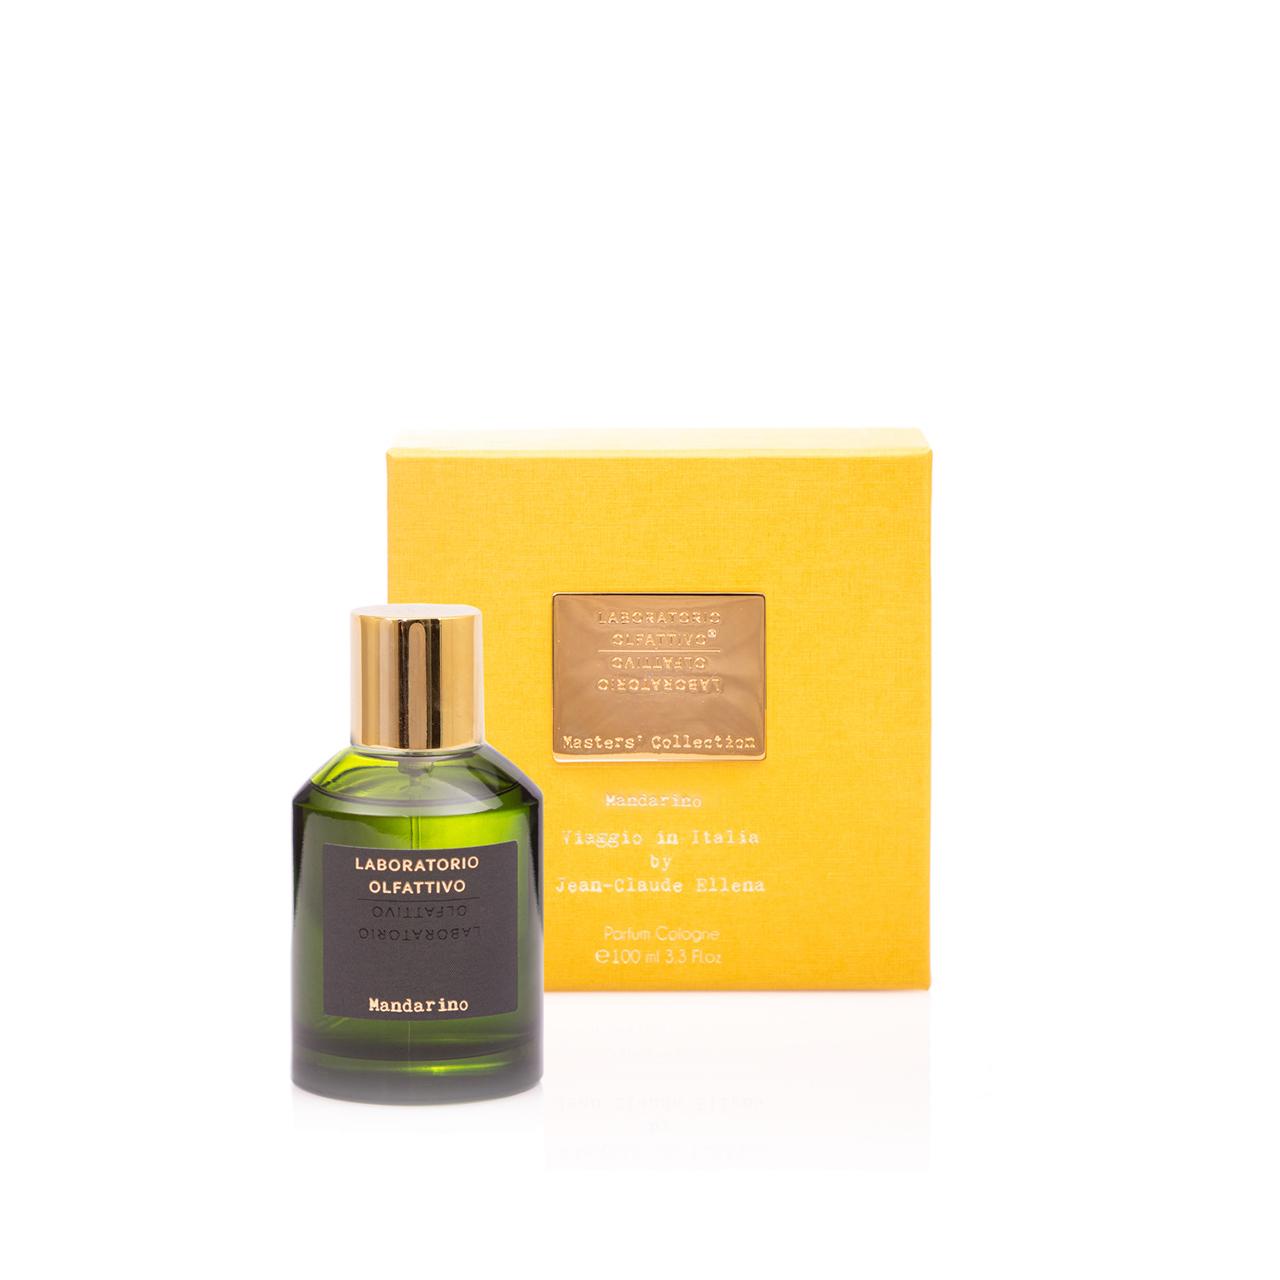 Mandarino - Eau de Parfum